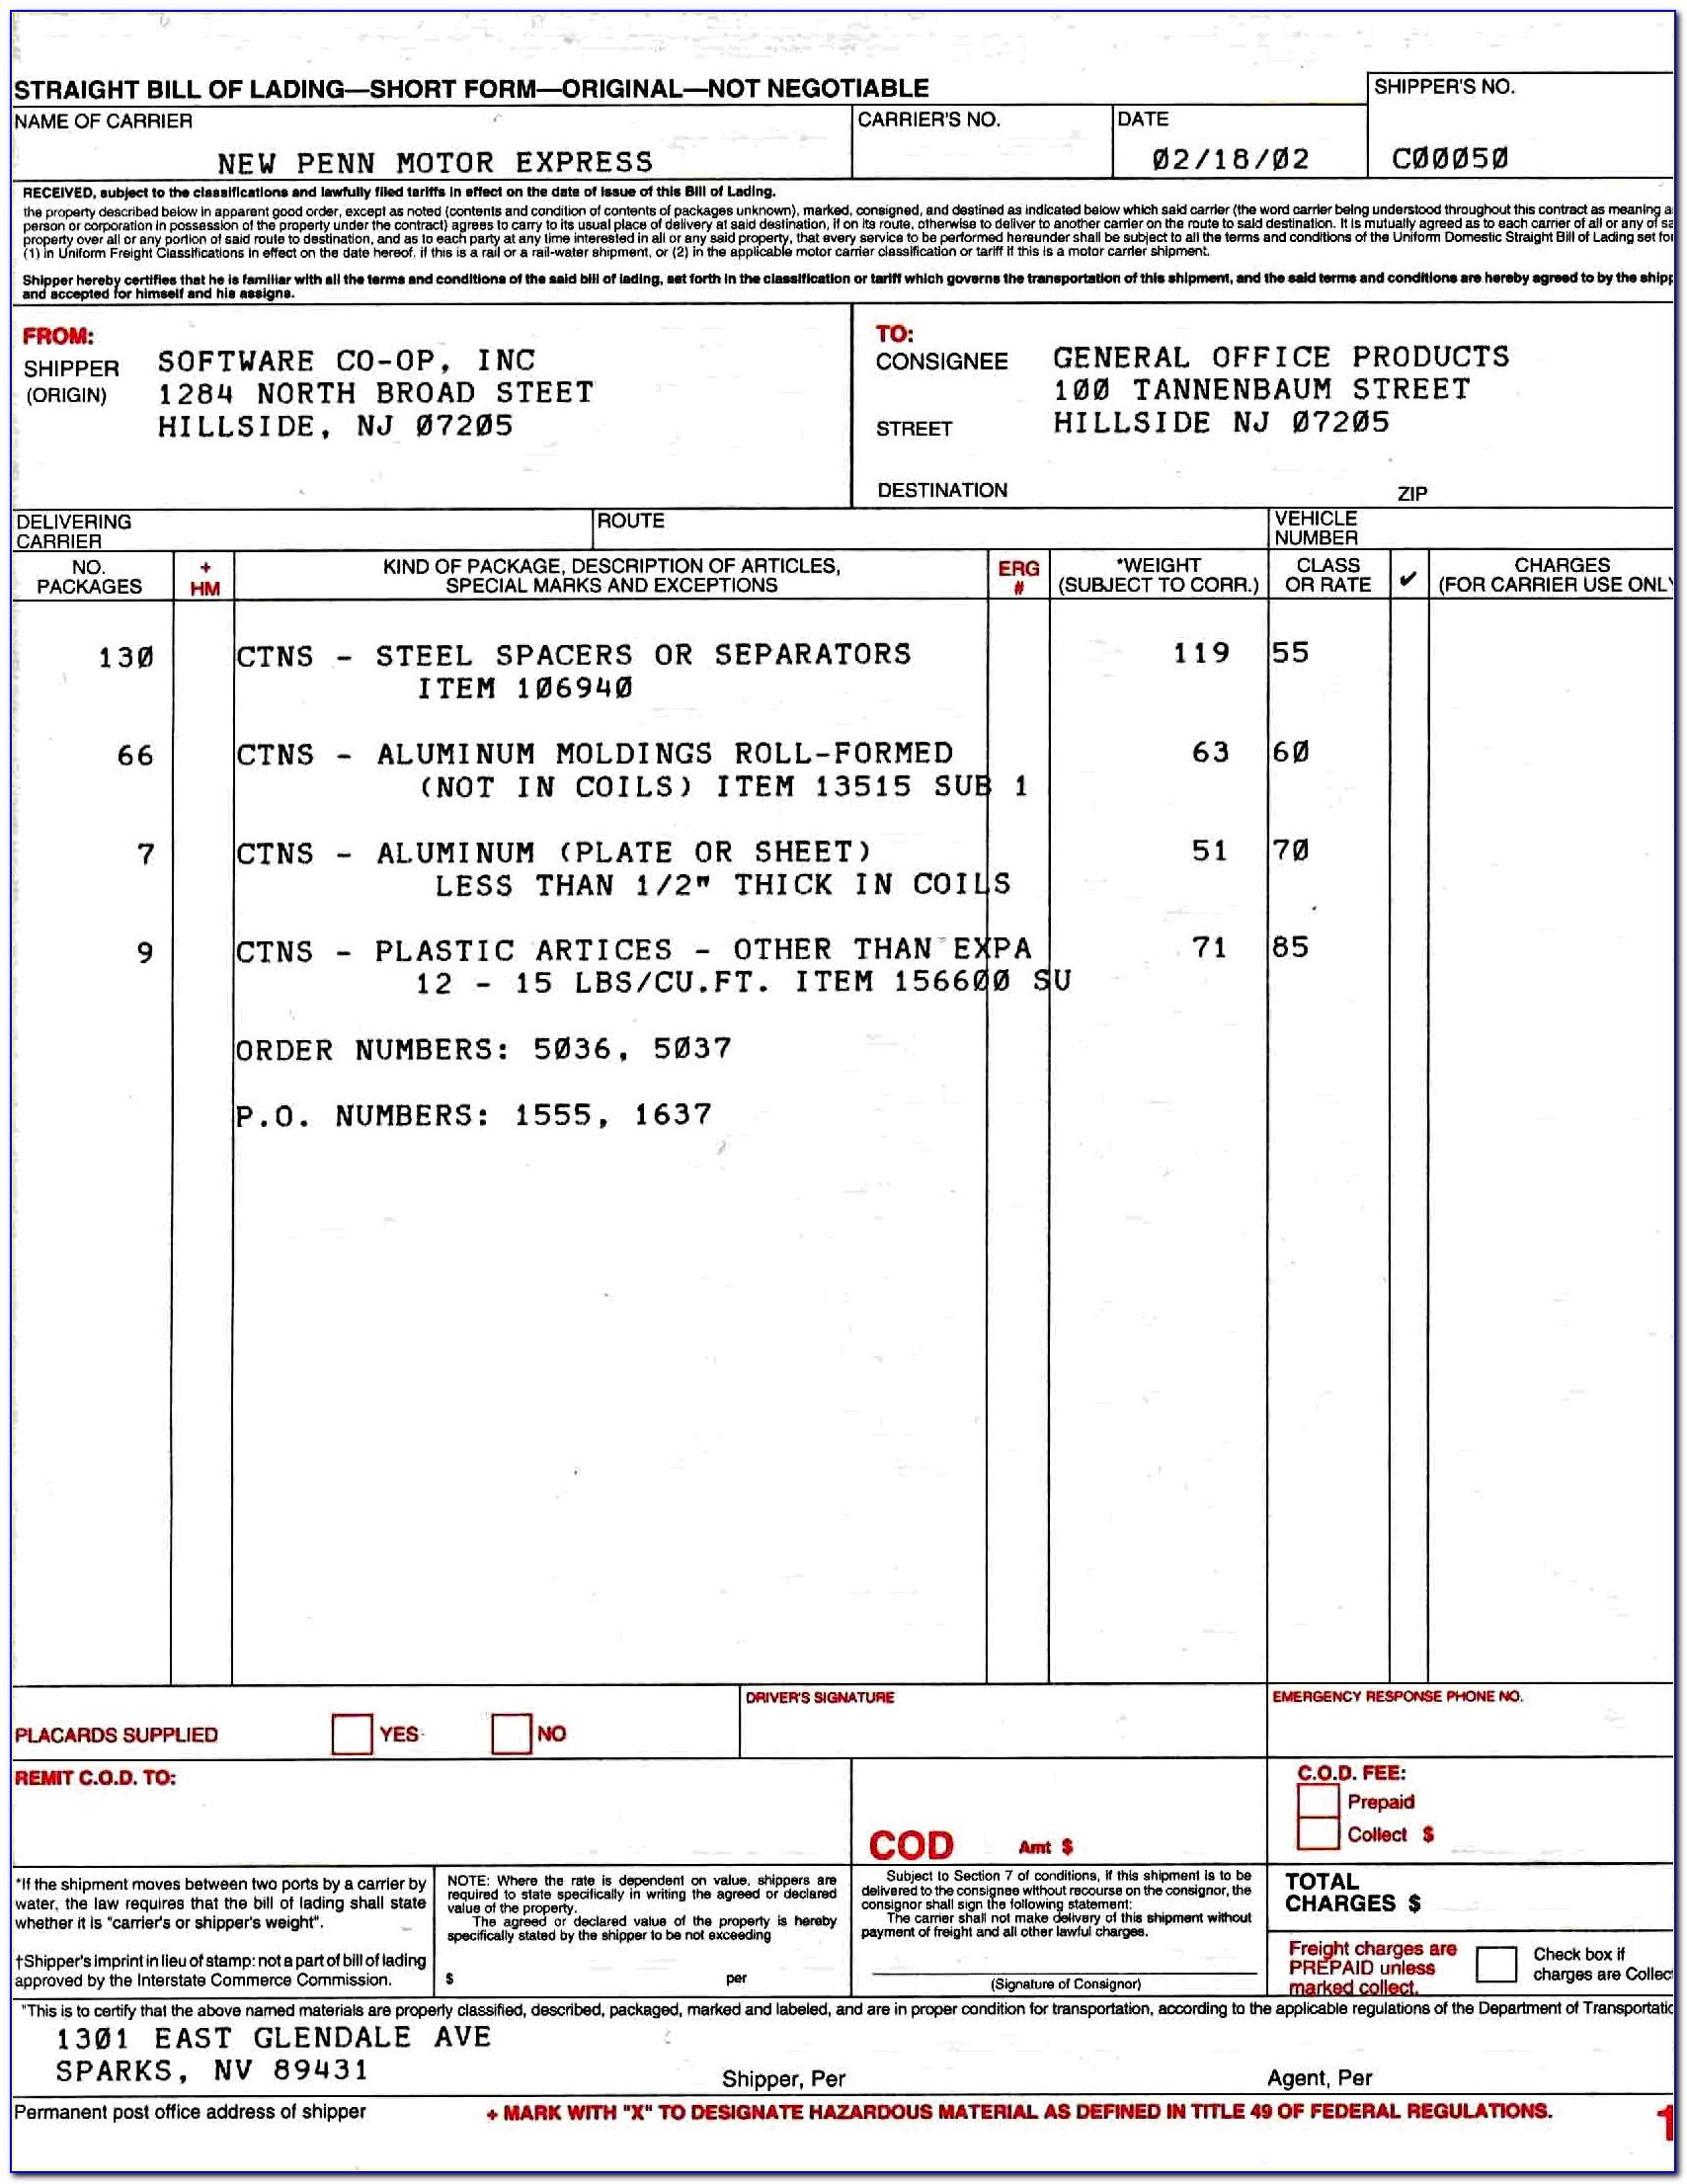 Hazardous Materials Bill Of Lading Form